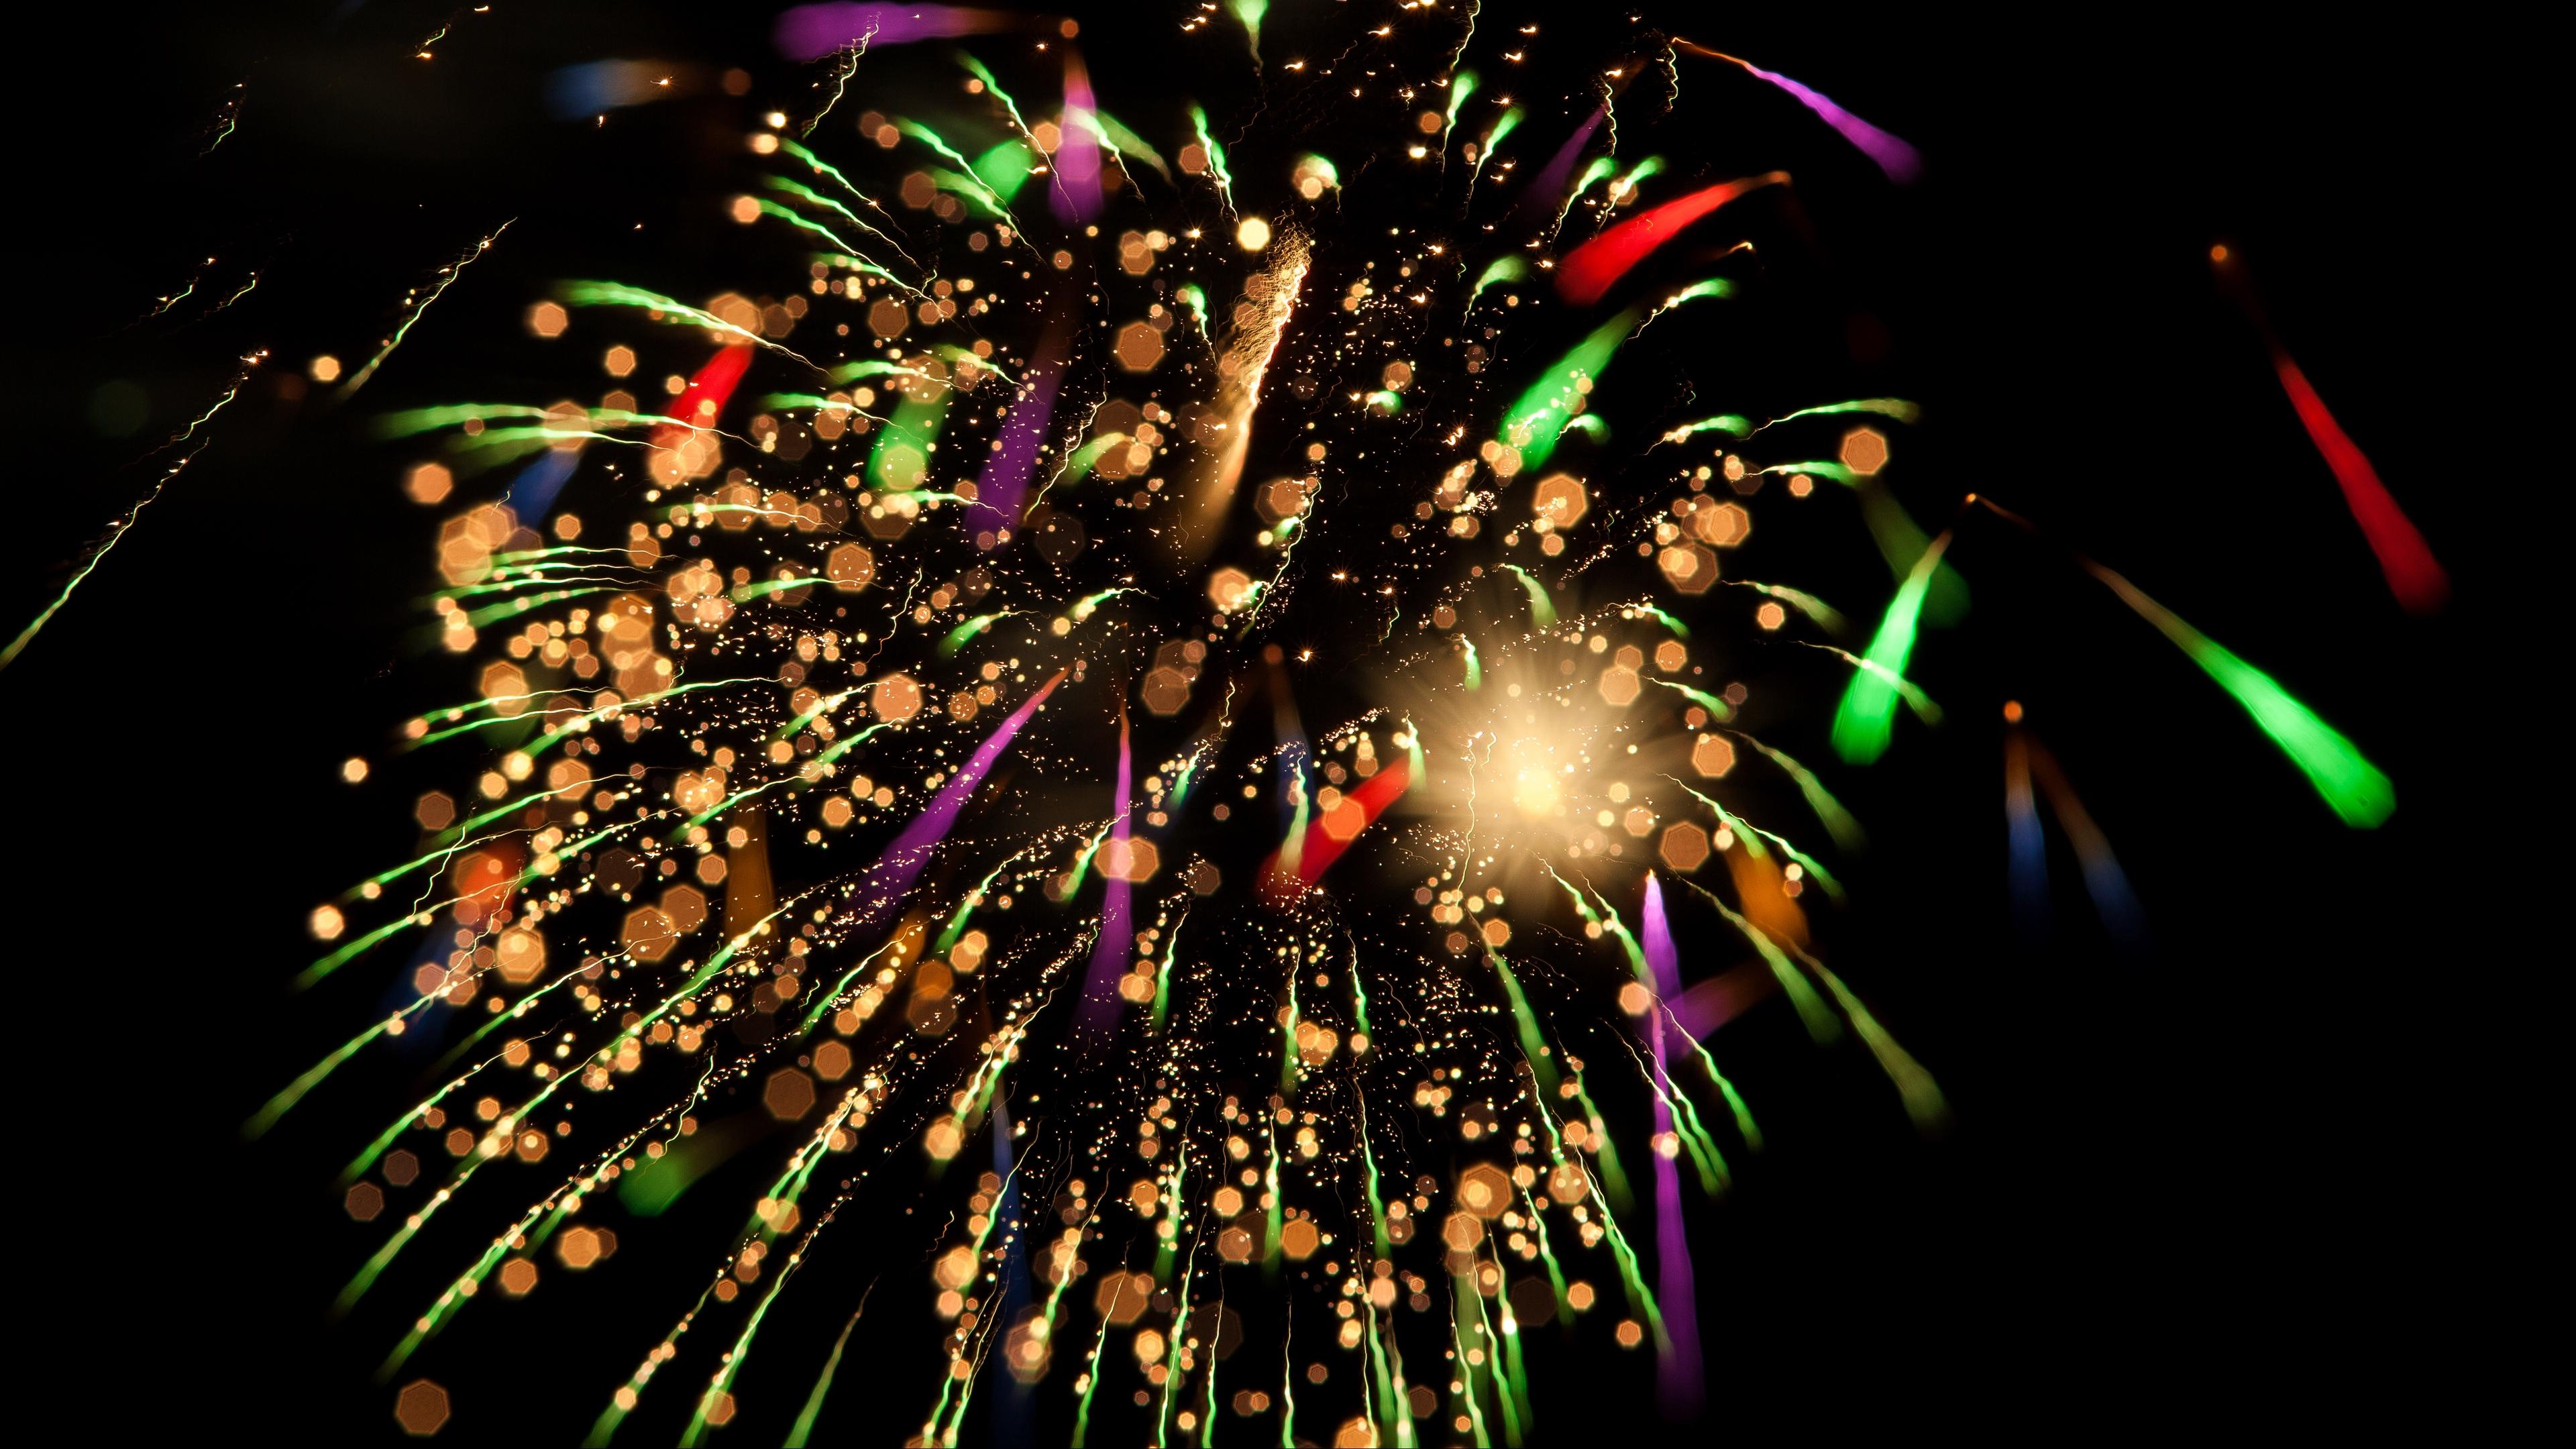 salute fireworks sparks glitter bokeh glare 4k 1539370512 - salute, fireworks, sparks, glitter, bokeh, glare 4k - Sparks, salute, Fireworks